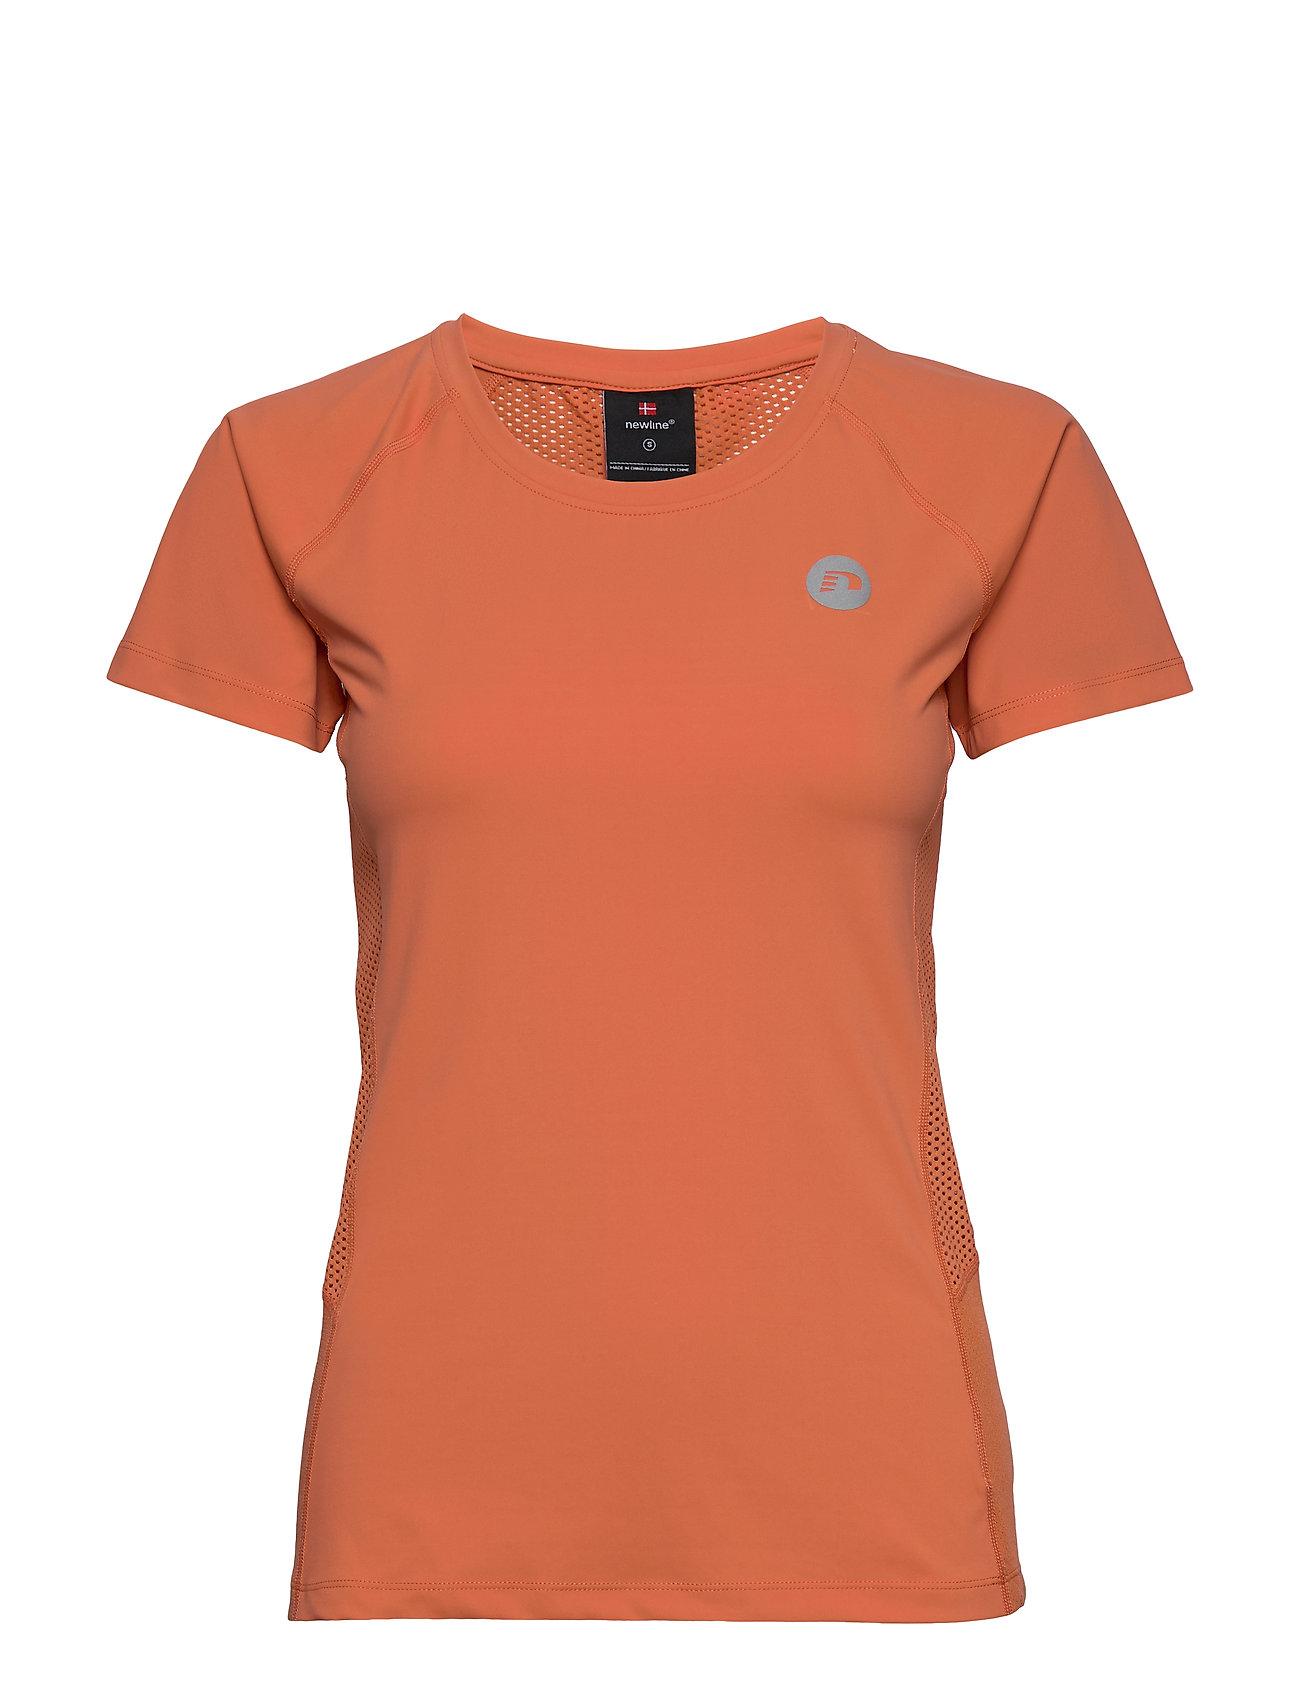 Image of Women'S Running Tee T-shirt Top Orange Newline (3364040497)